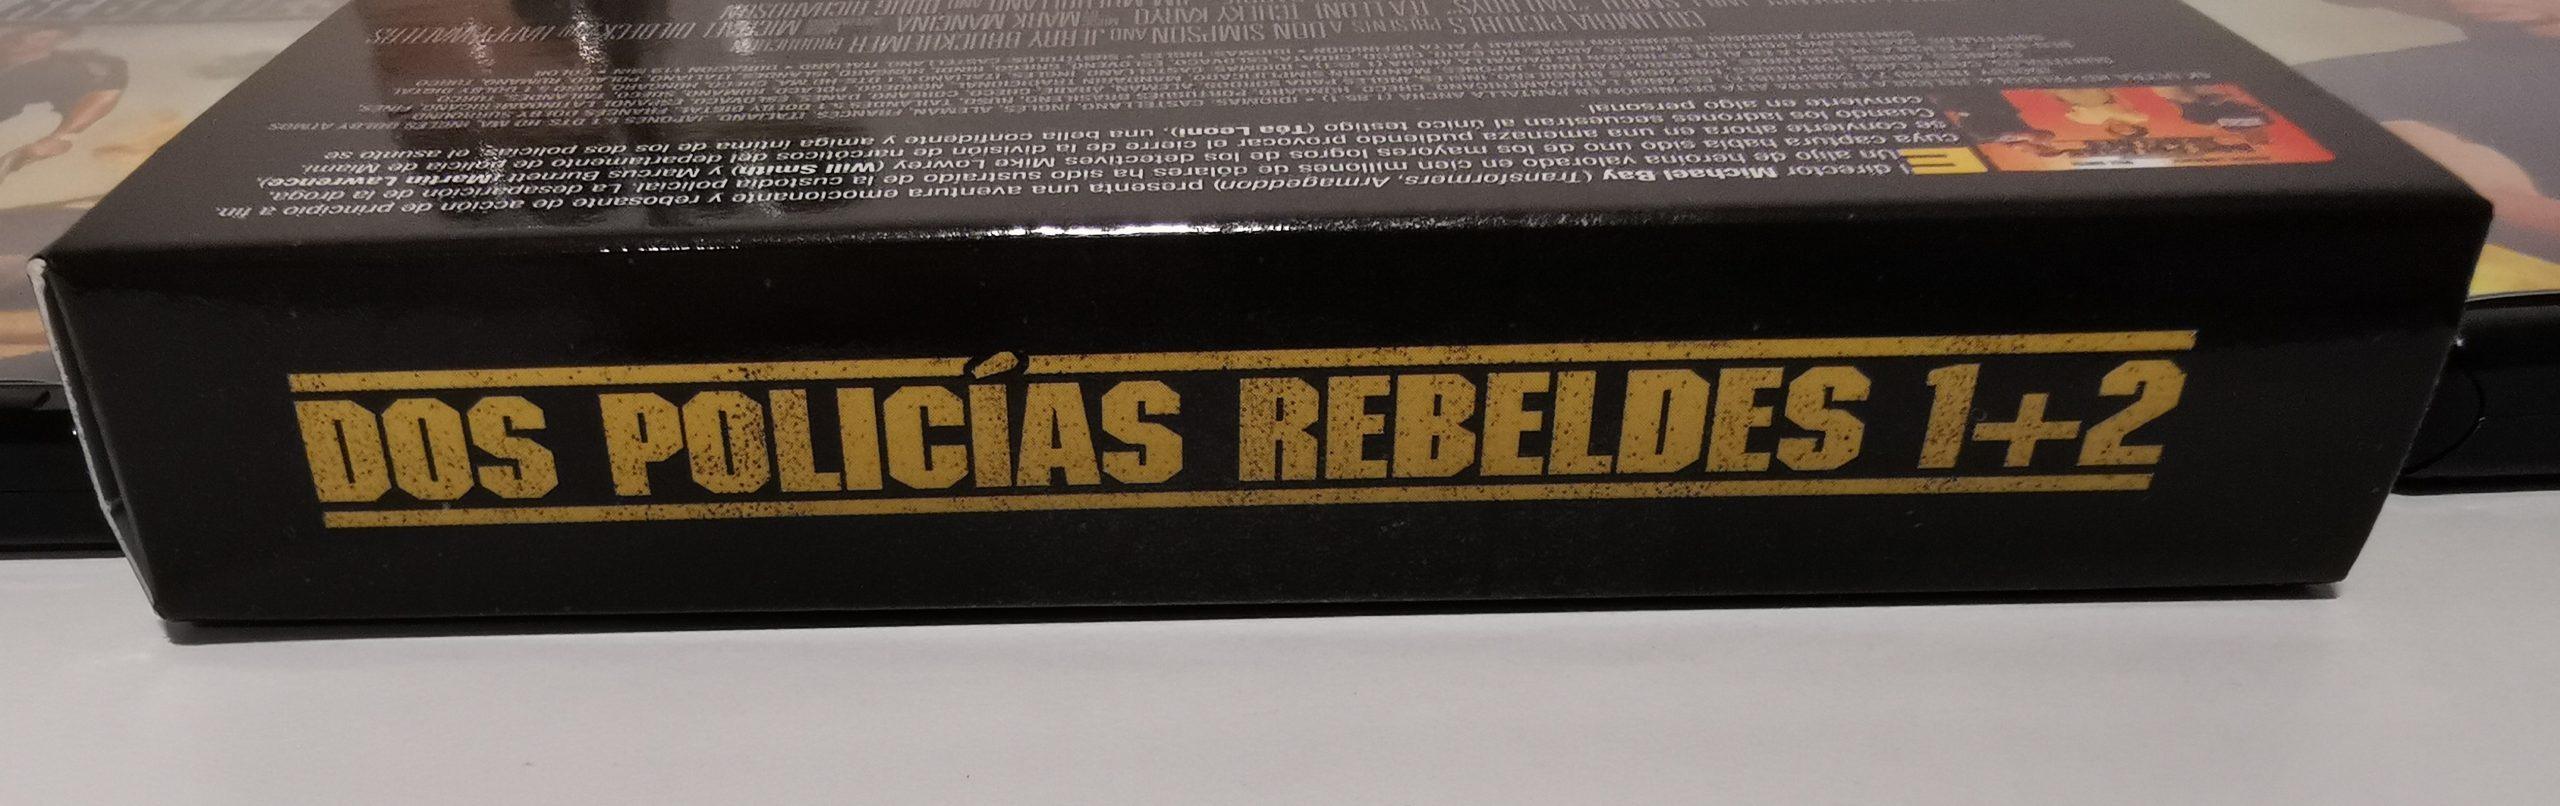 Dos policías rebeldes edición 4K caja